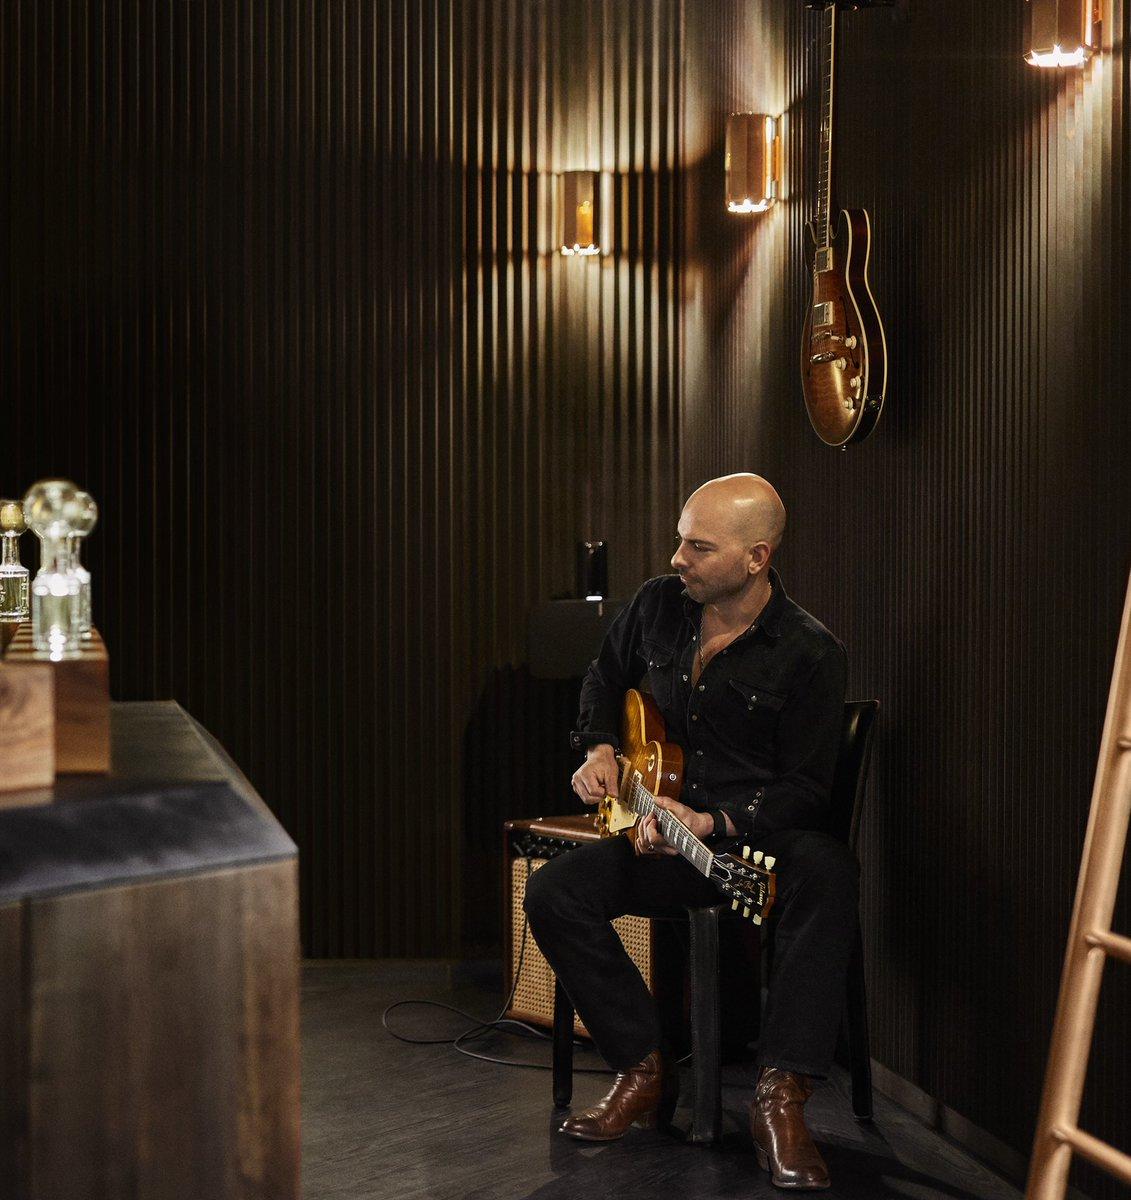 ミラノ店では時々ジュリアンがギターを演奏しています。ソフィアコッポラ監督が来店された時は「ギター弾きのおじさんを演じたよ。帽子を置いておいたらチップくれたかも。」と。 ギター:ギブソン レスポール アンプ:Mesa/Boogie Mark V90 #フエギア1833